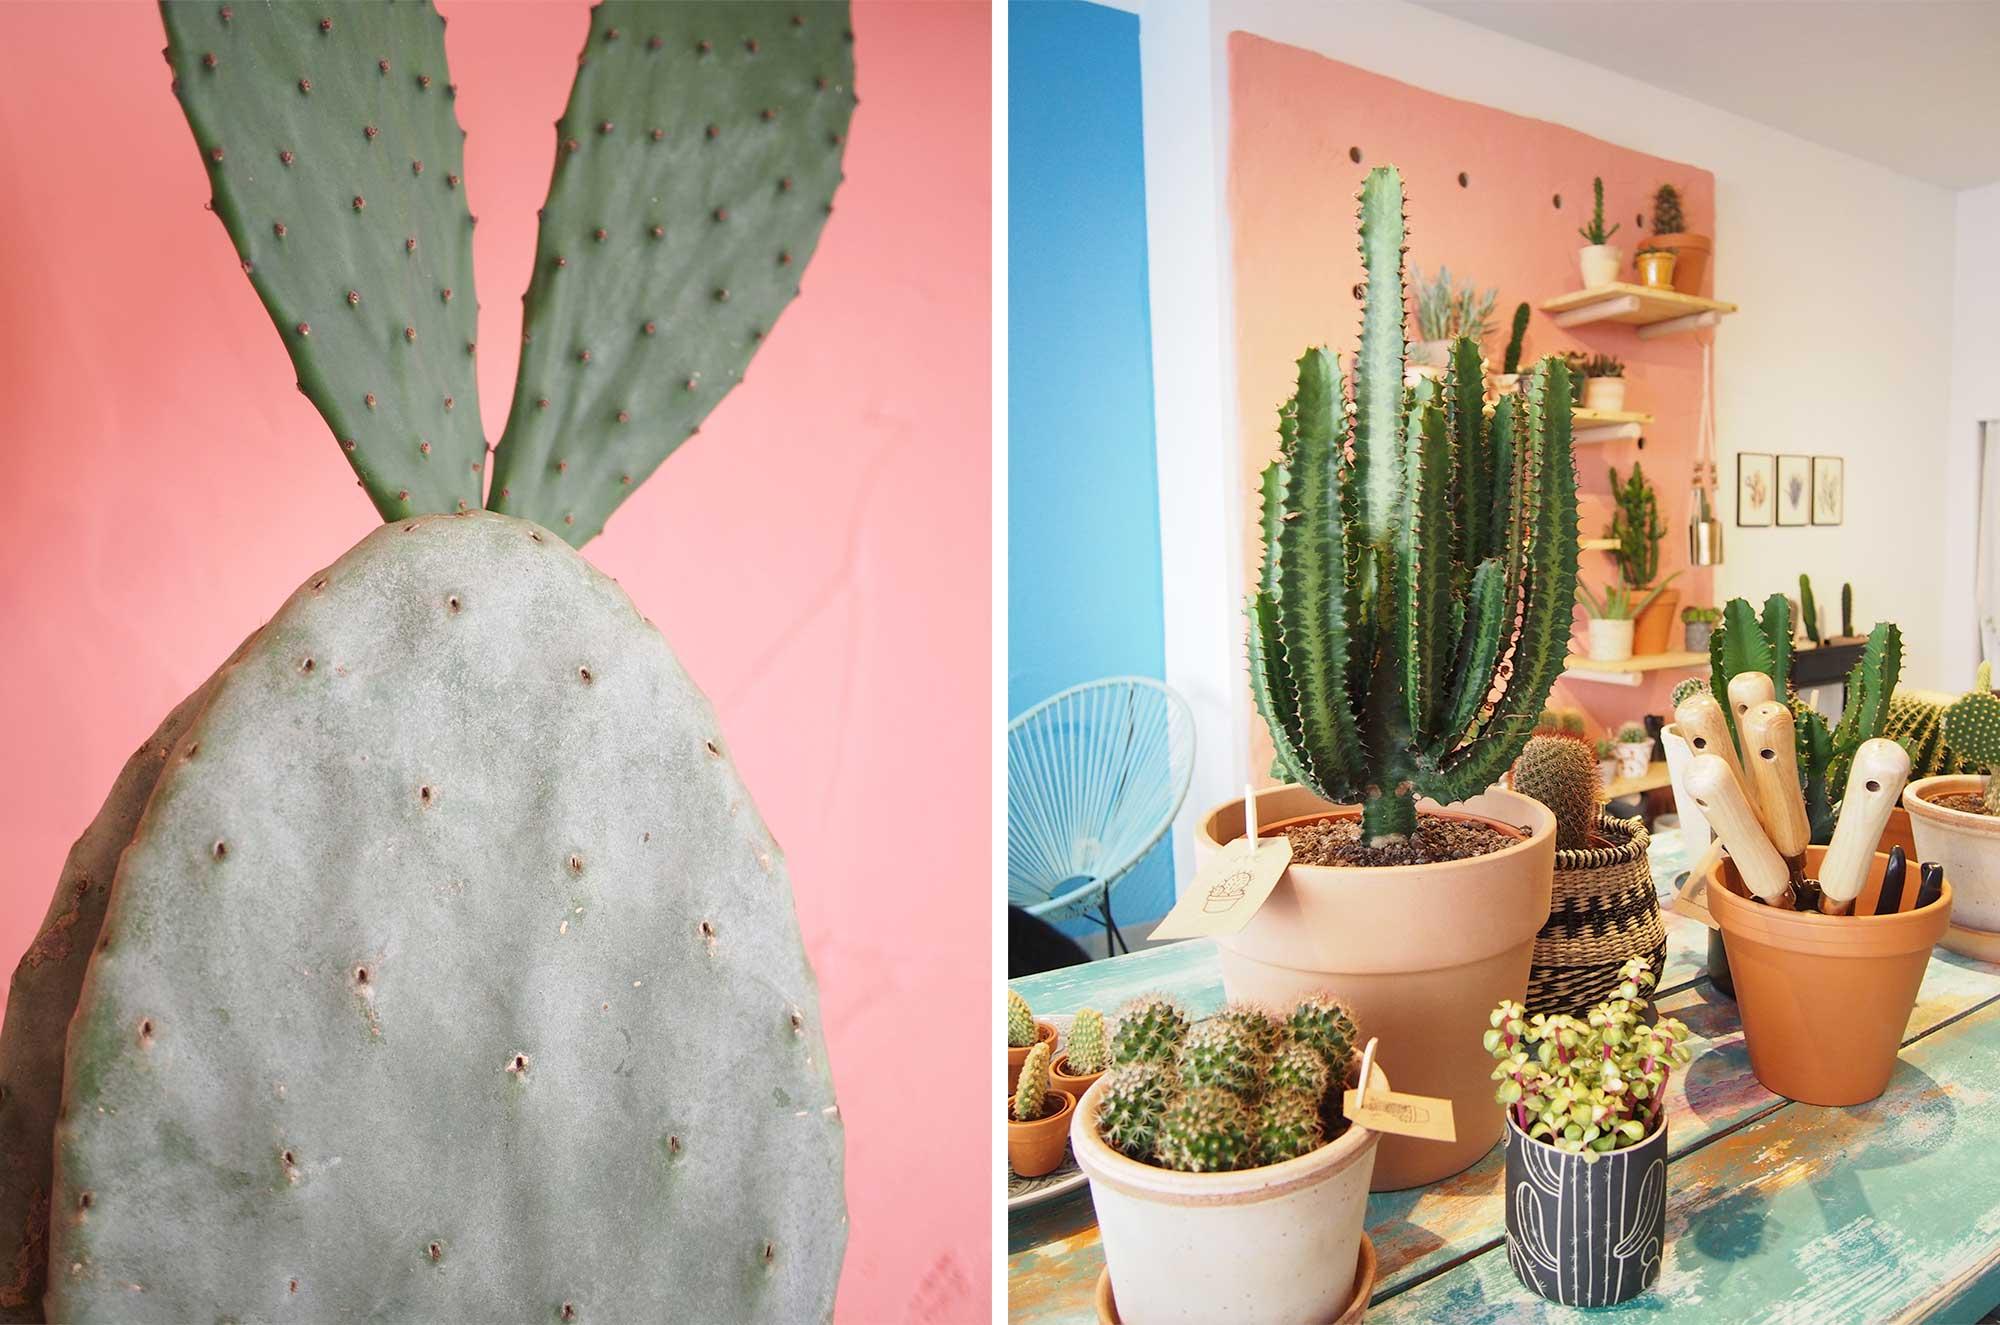 Kleiner-Kaktus-Store-Hamburg